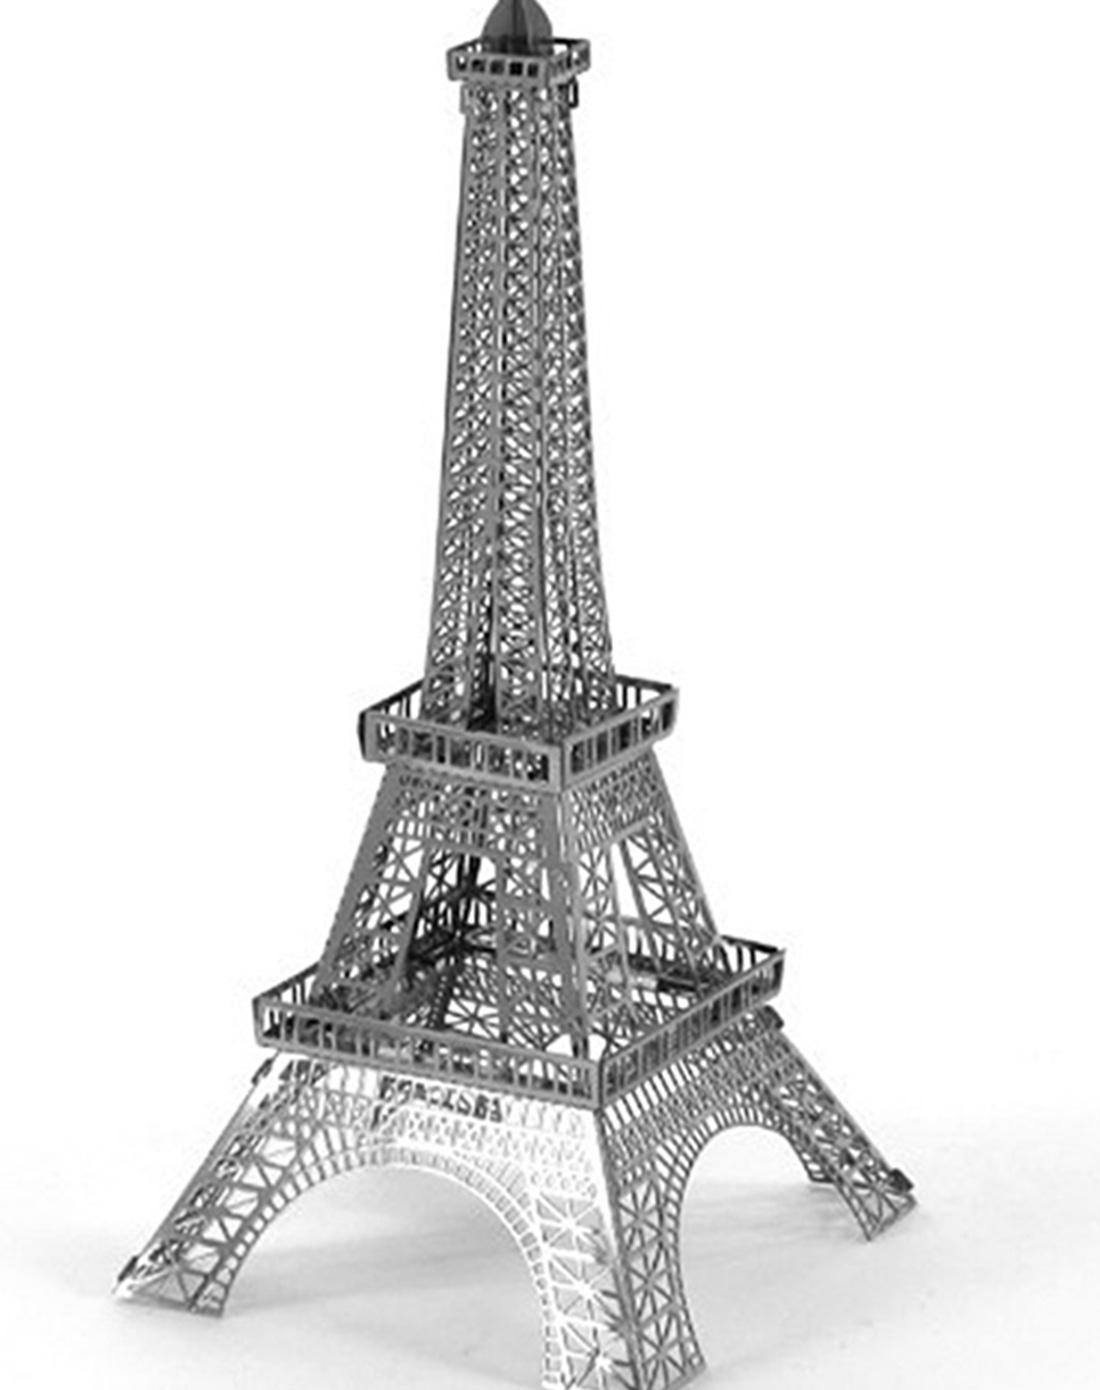 趣玩创意家居移动端专场(埃菲尔铁塔)3d微型立体雕塑